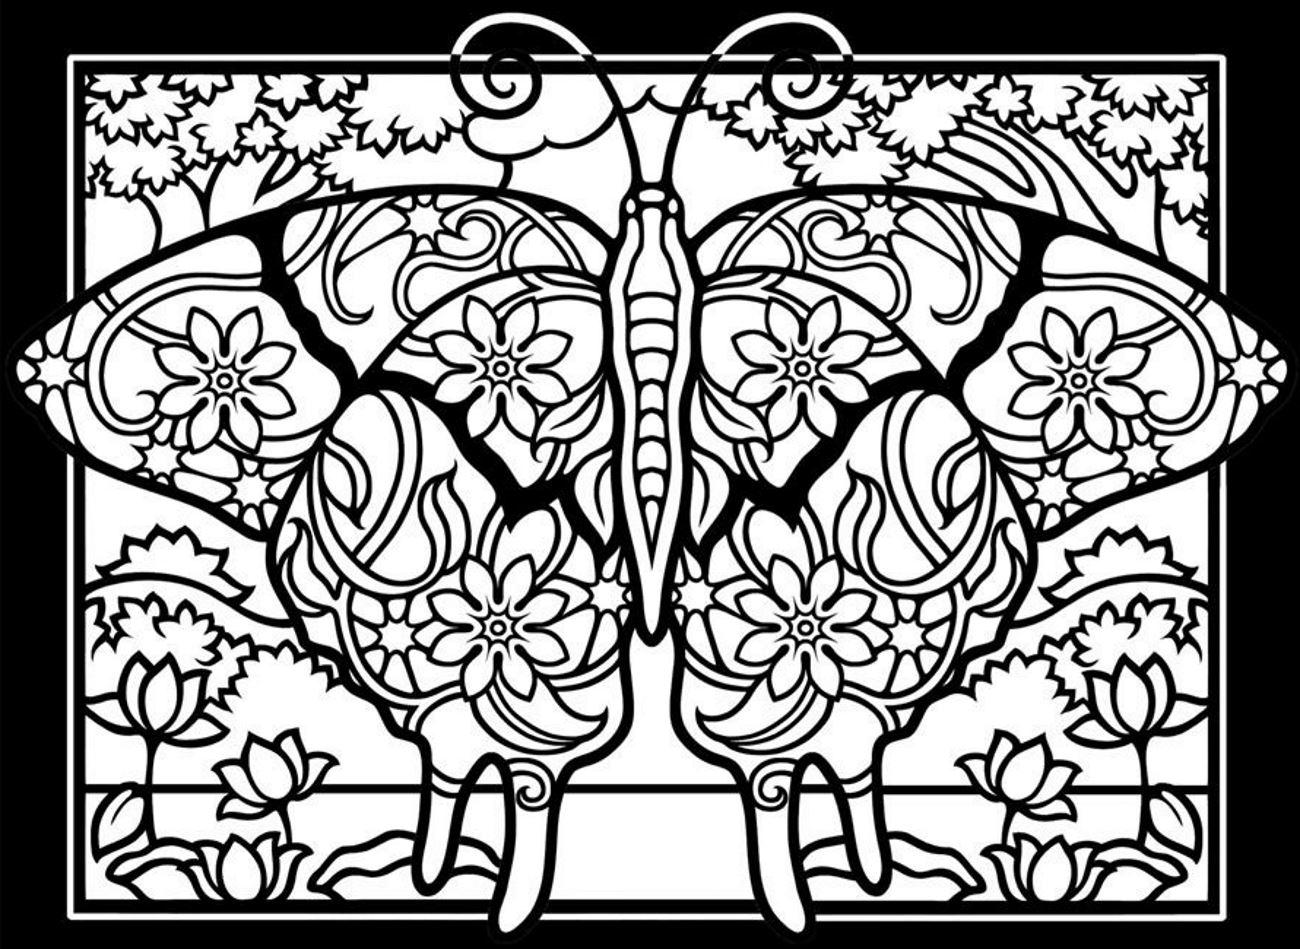 Magnifique dessin de papillon sur fond noir